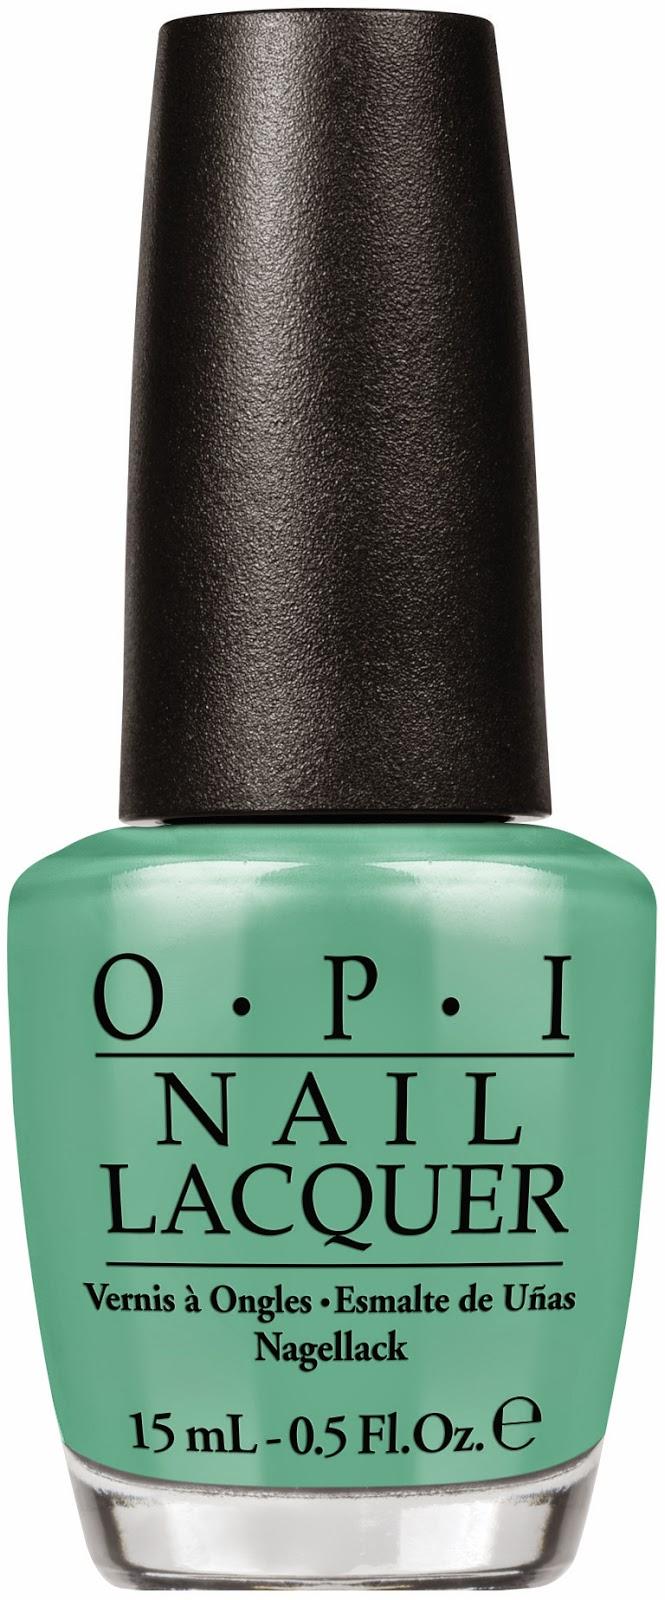 verde-smarald-opi